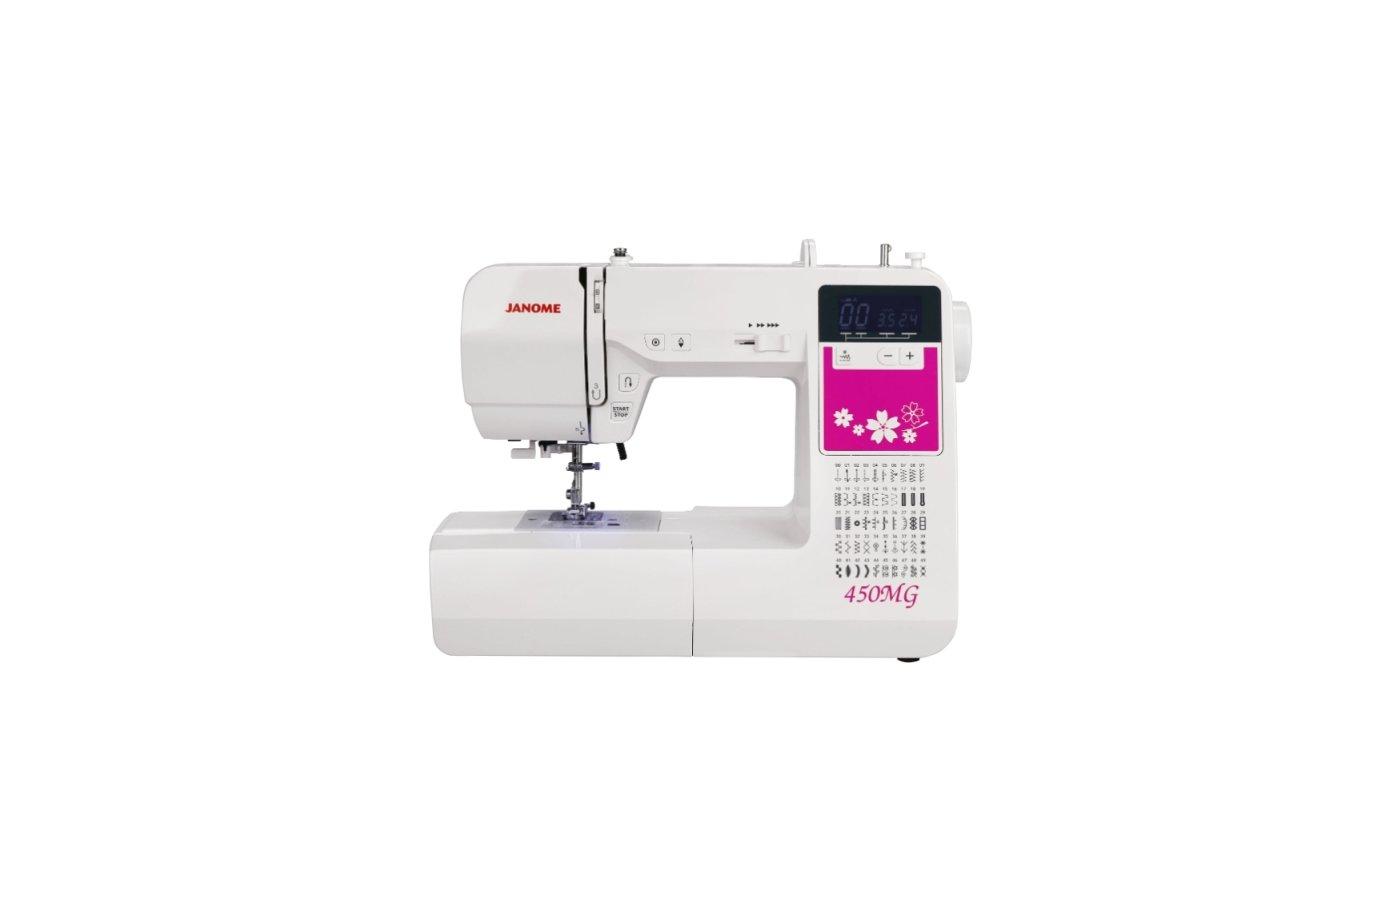 Швейная машина JANOME 450 MG